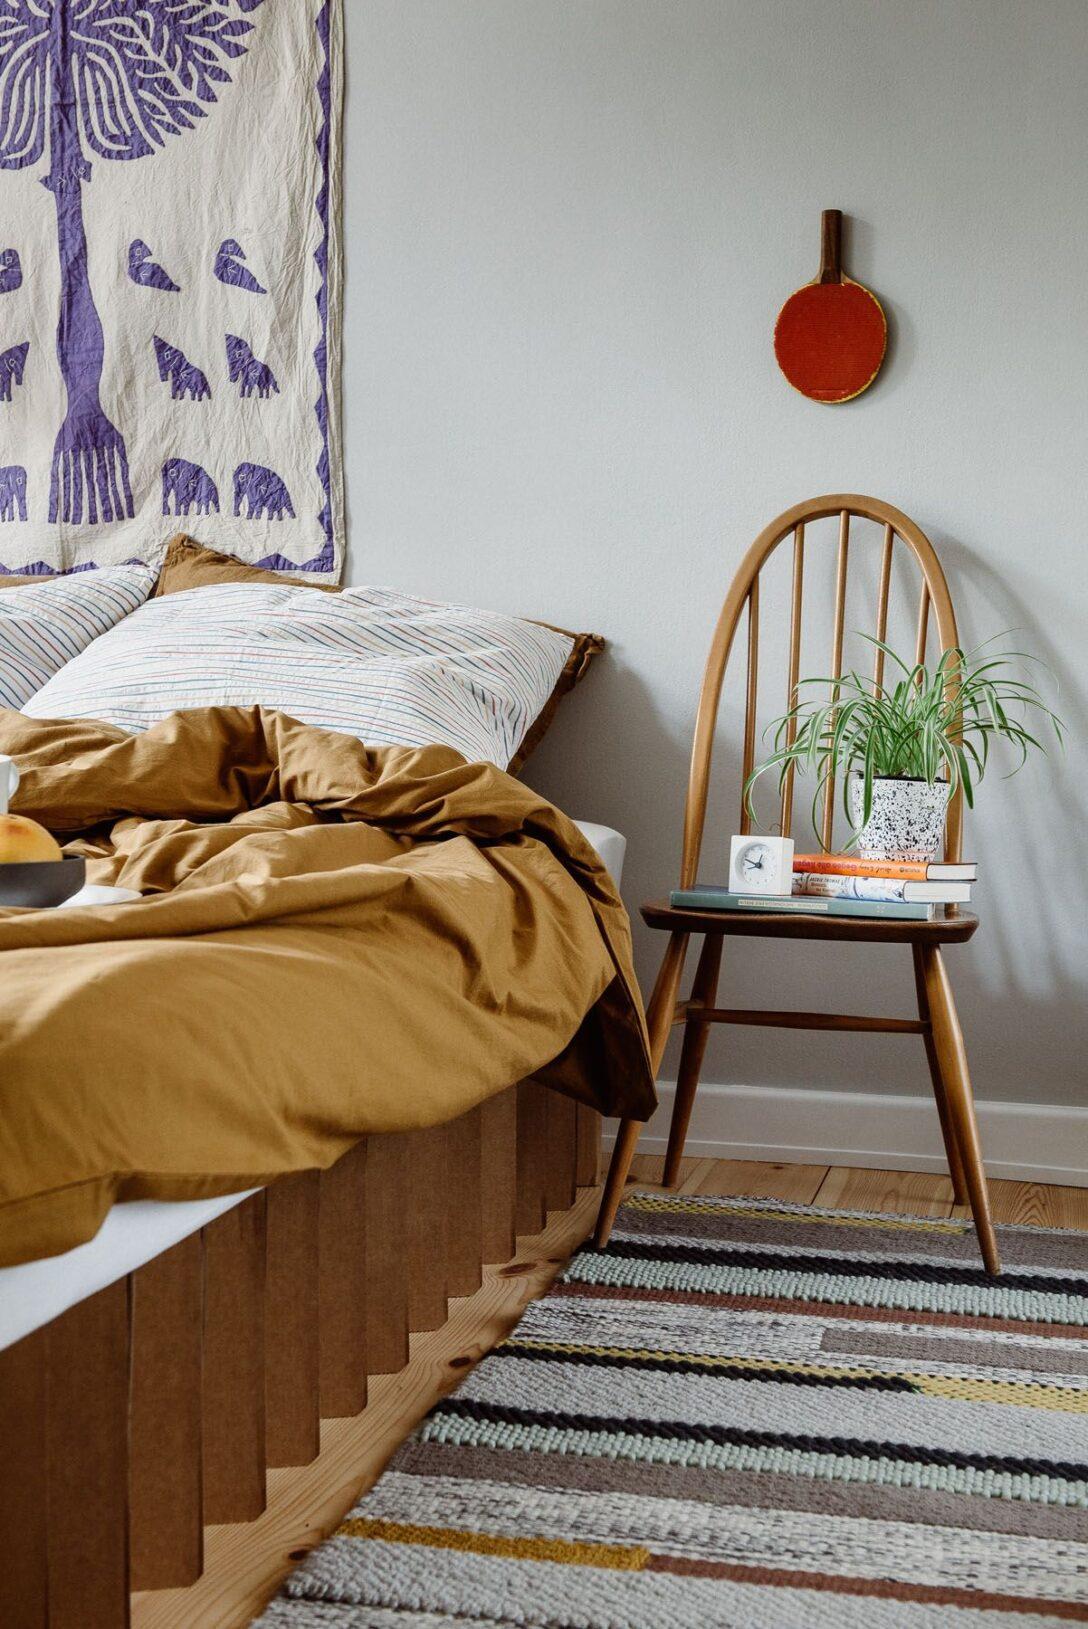 Large Size of Pappbett Ikea Das Bett Aus Recycelter Wellpappe Ist Stabil Küche Kaufen Betten Bei Miniküche 160x200 Modulküche Kosten Sofa Mit Schlaffunktion Wohnzimmer Pappbett Ikea